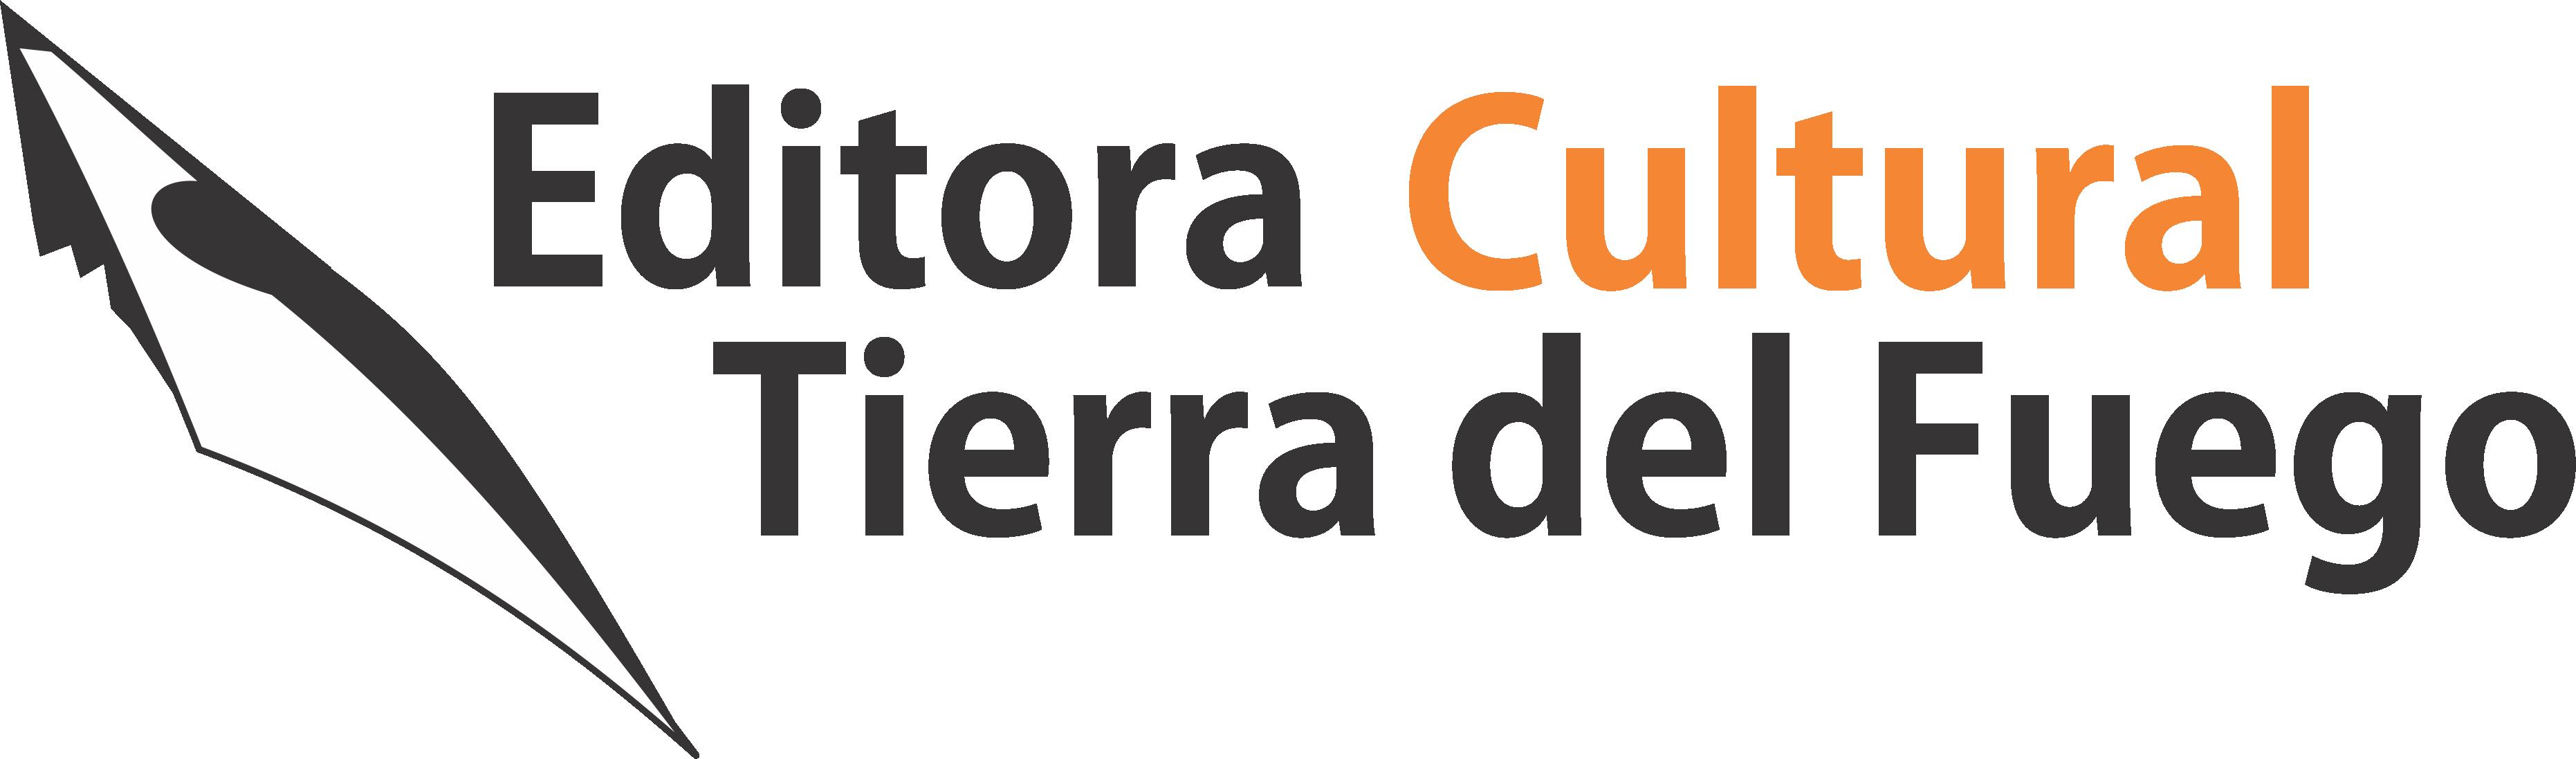 Editora cultural tierra del fuego